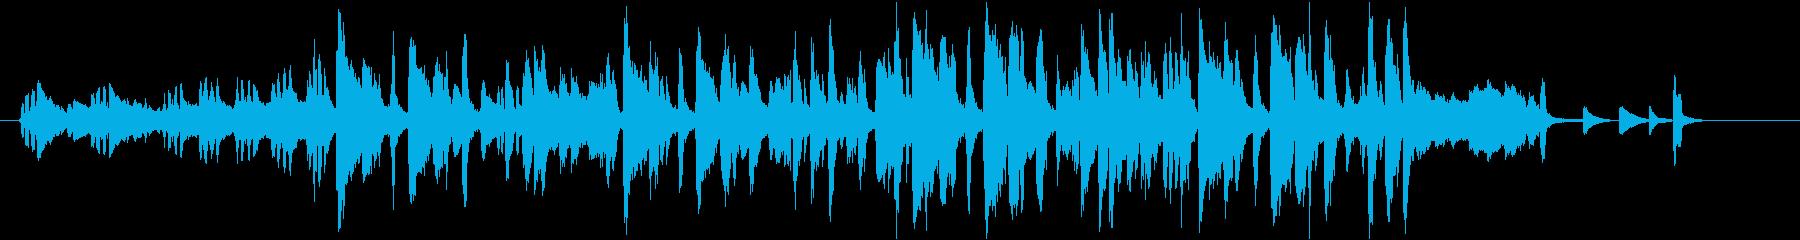 メンデルスゾーン結婚行進曲ジャズアレンジの再生済みの波形